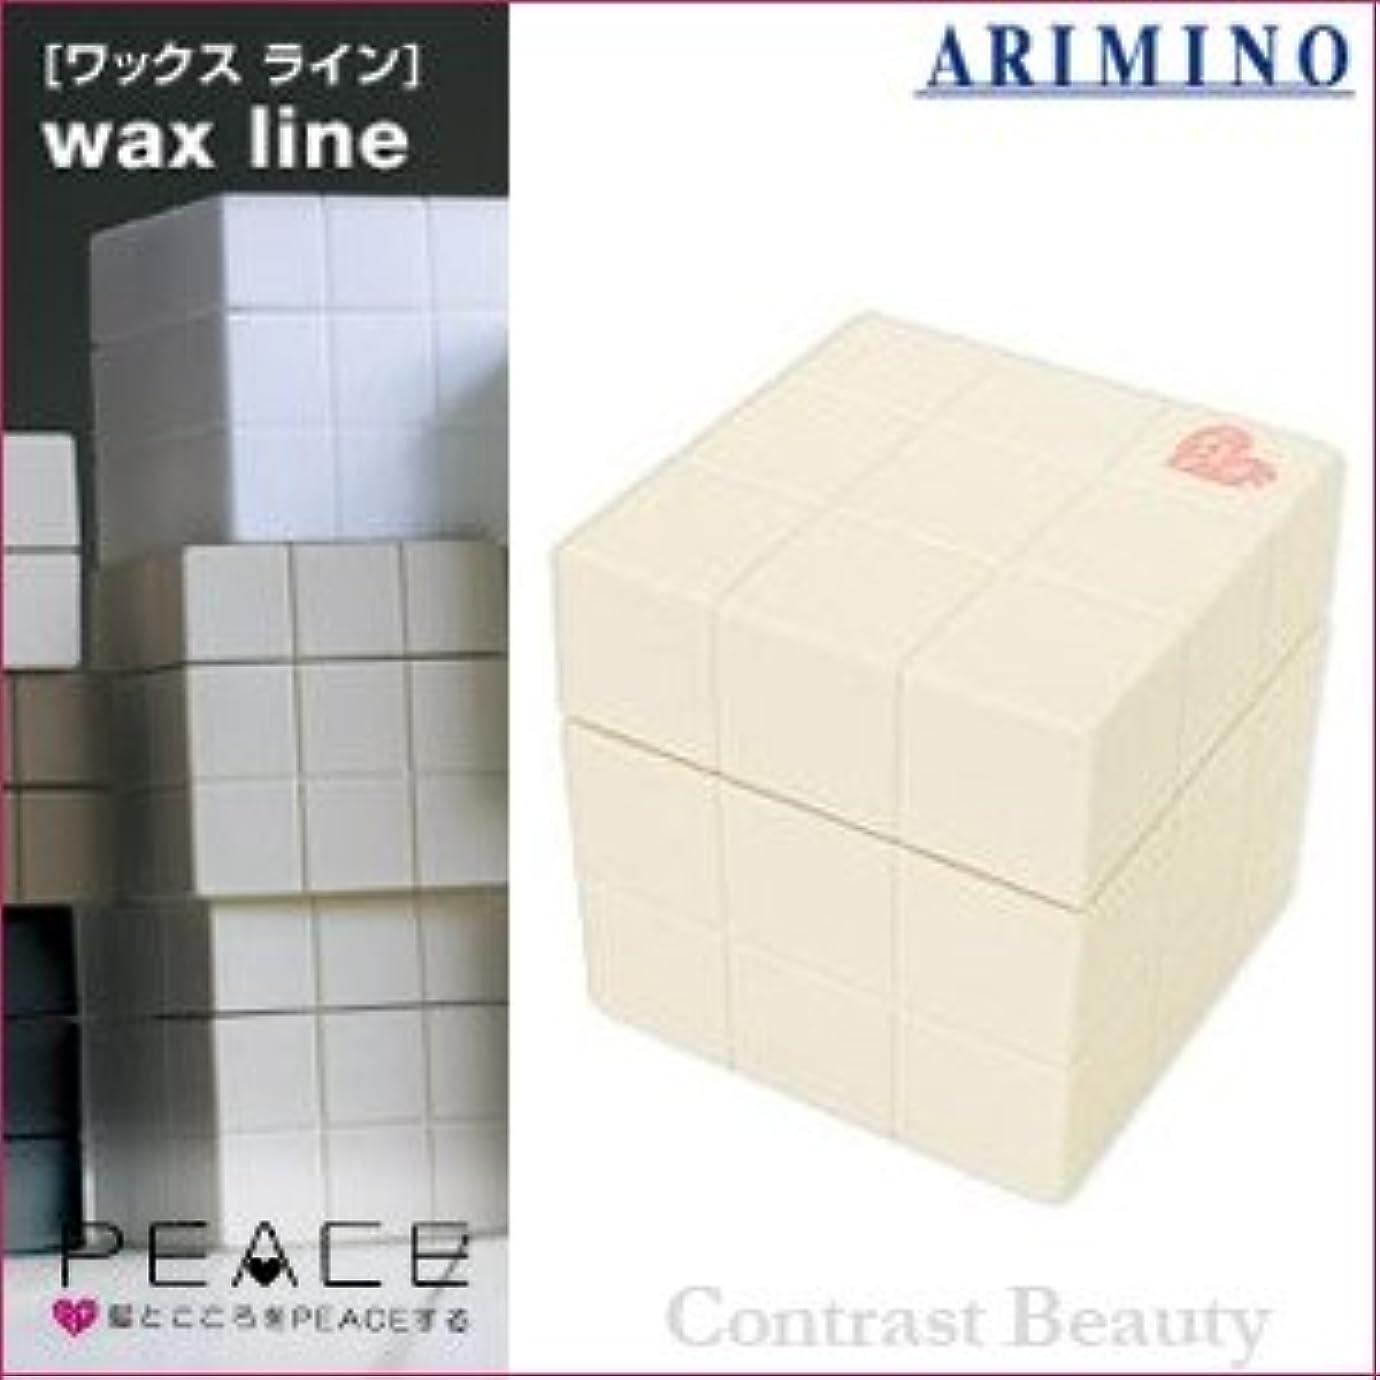 エンジニアリング弱い子音【x2個セット】 アリミノ ピース プロデザインシリーズ ニュアンスワックス バニラ 80g